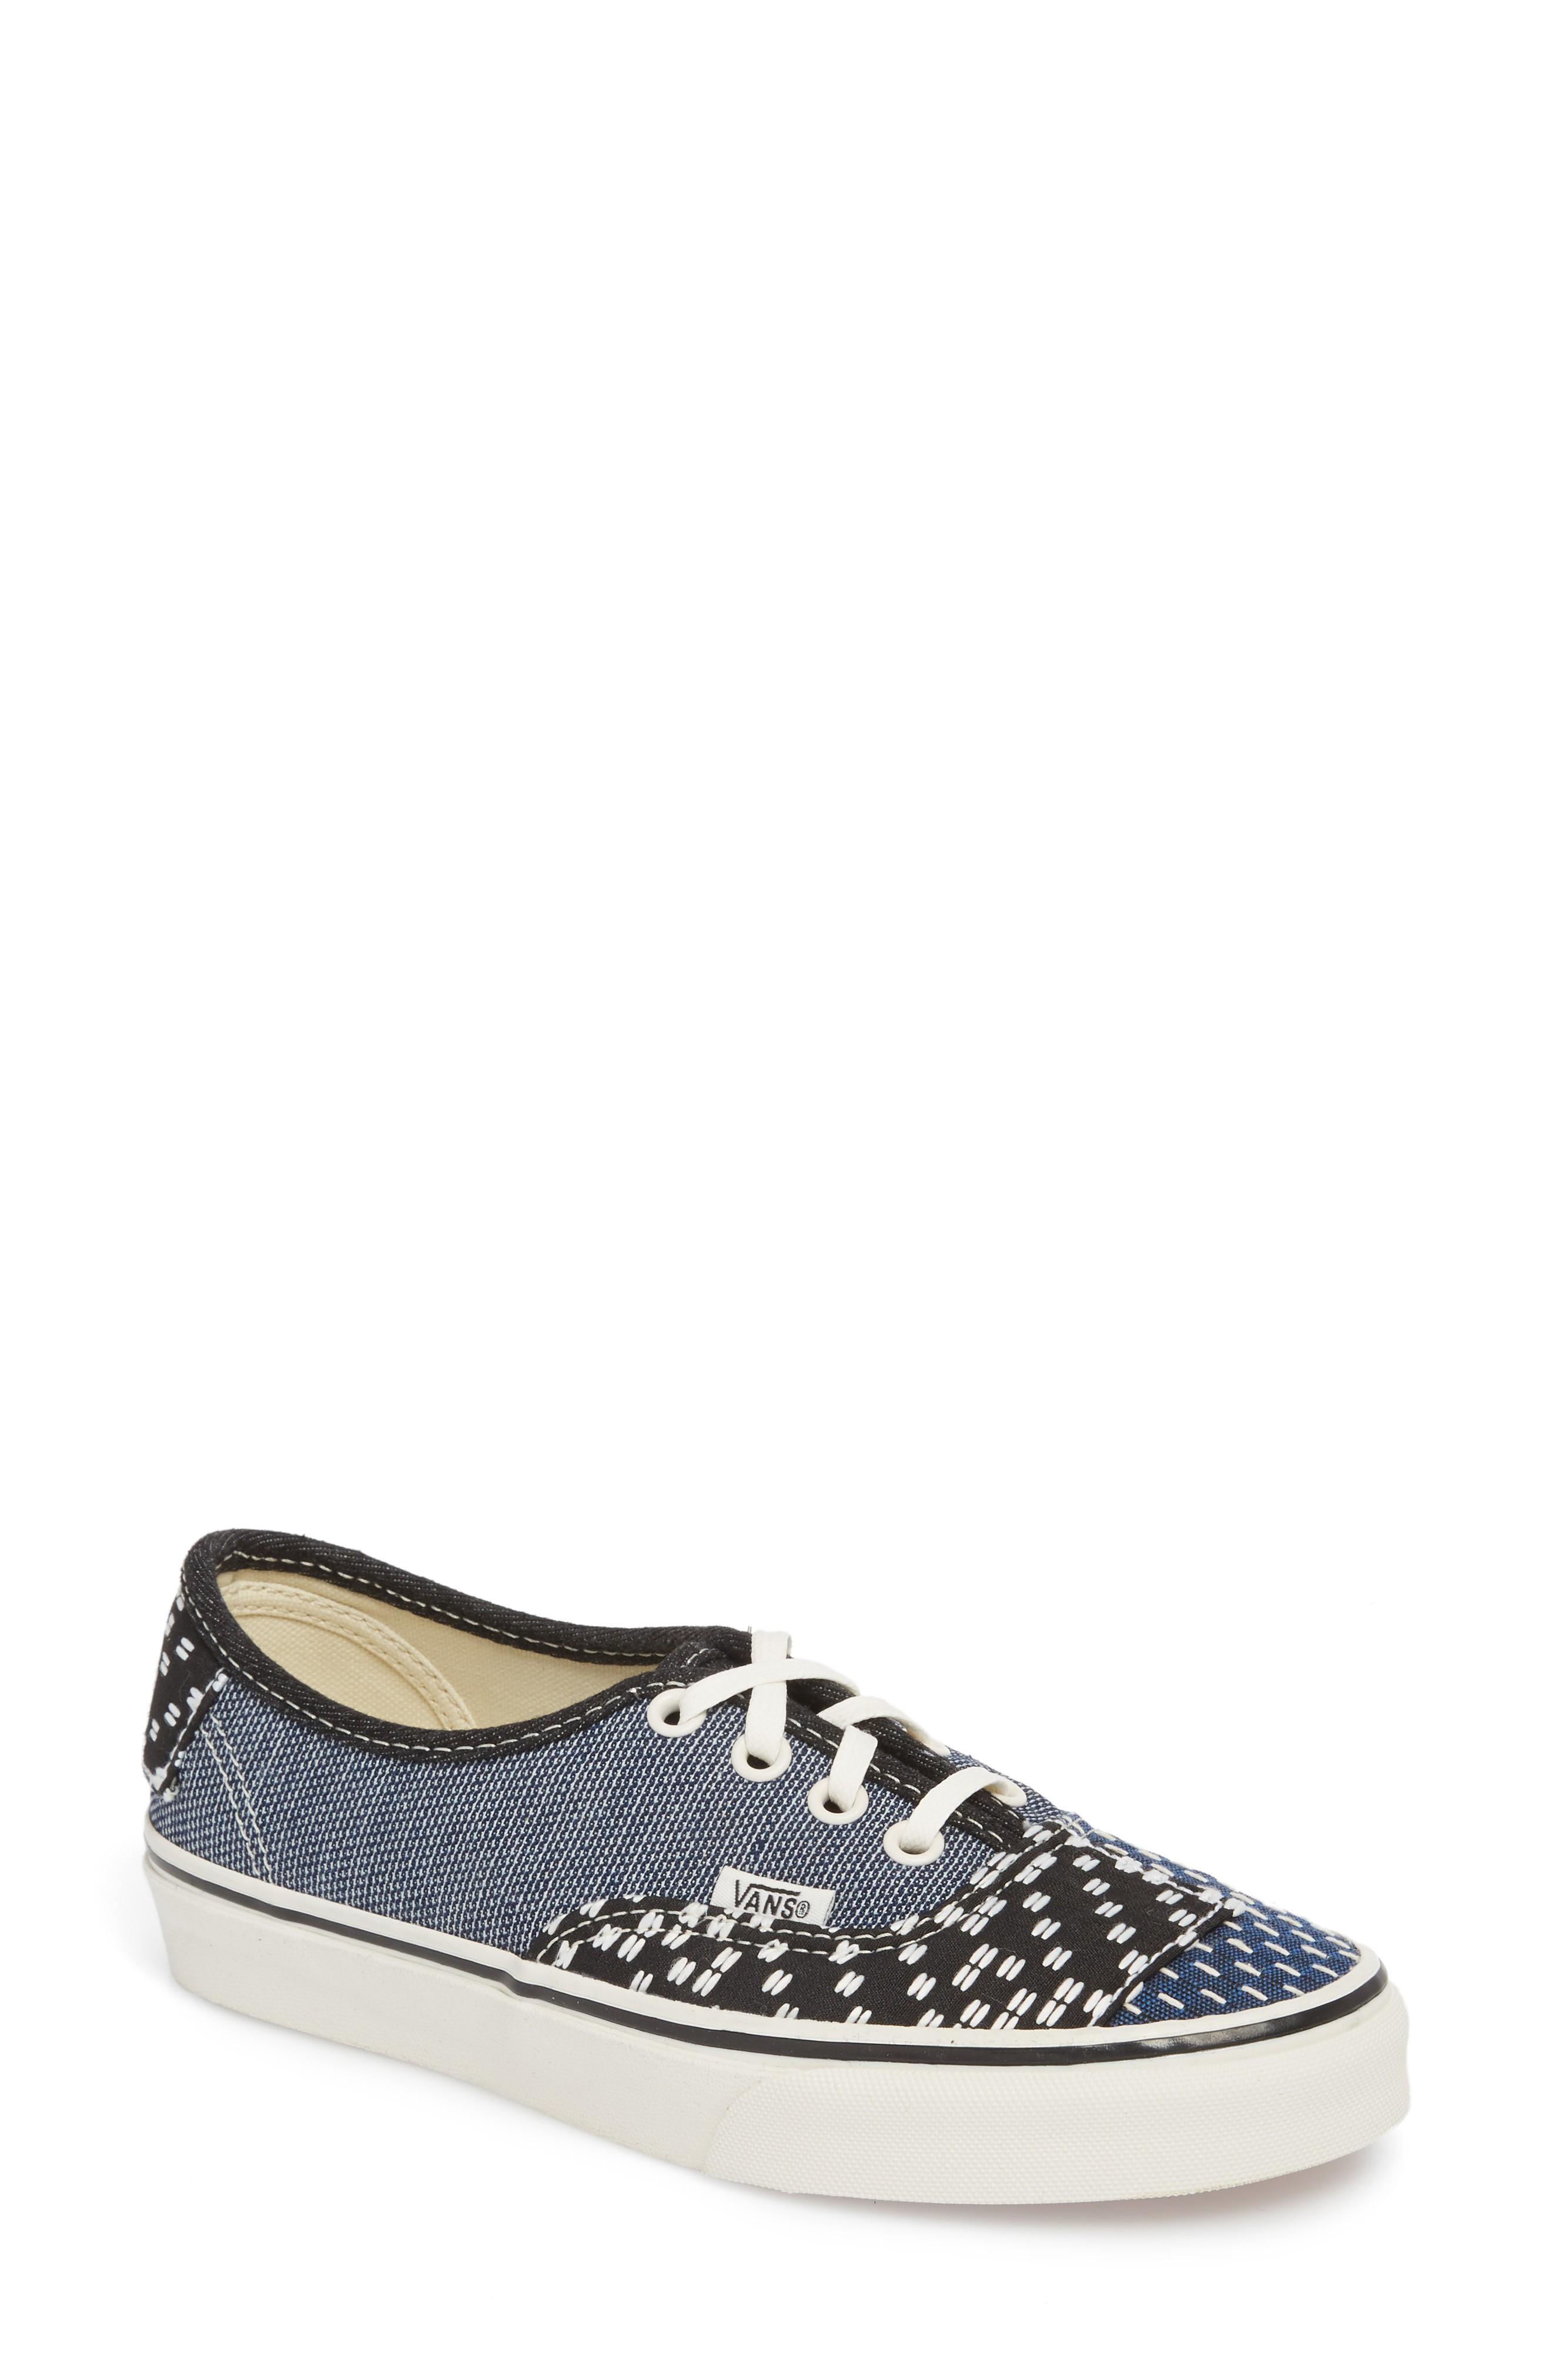 Vans 'authentic' Sneaker In Patchwork Denim